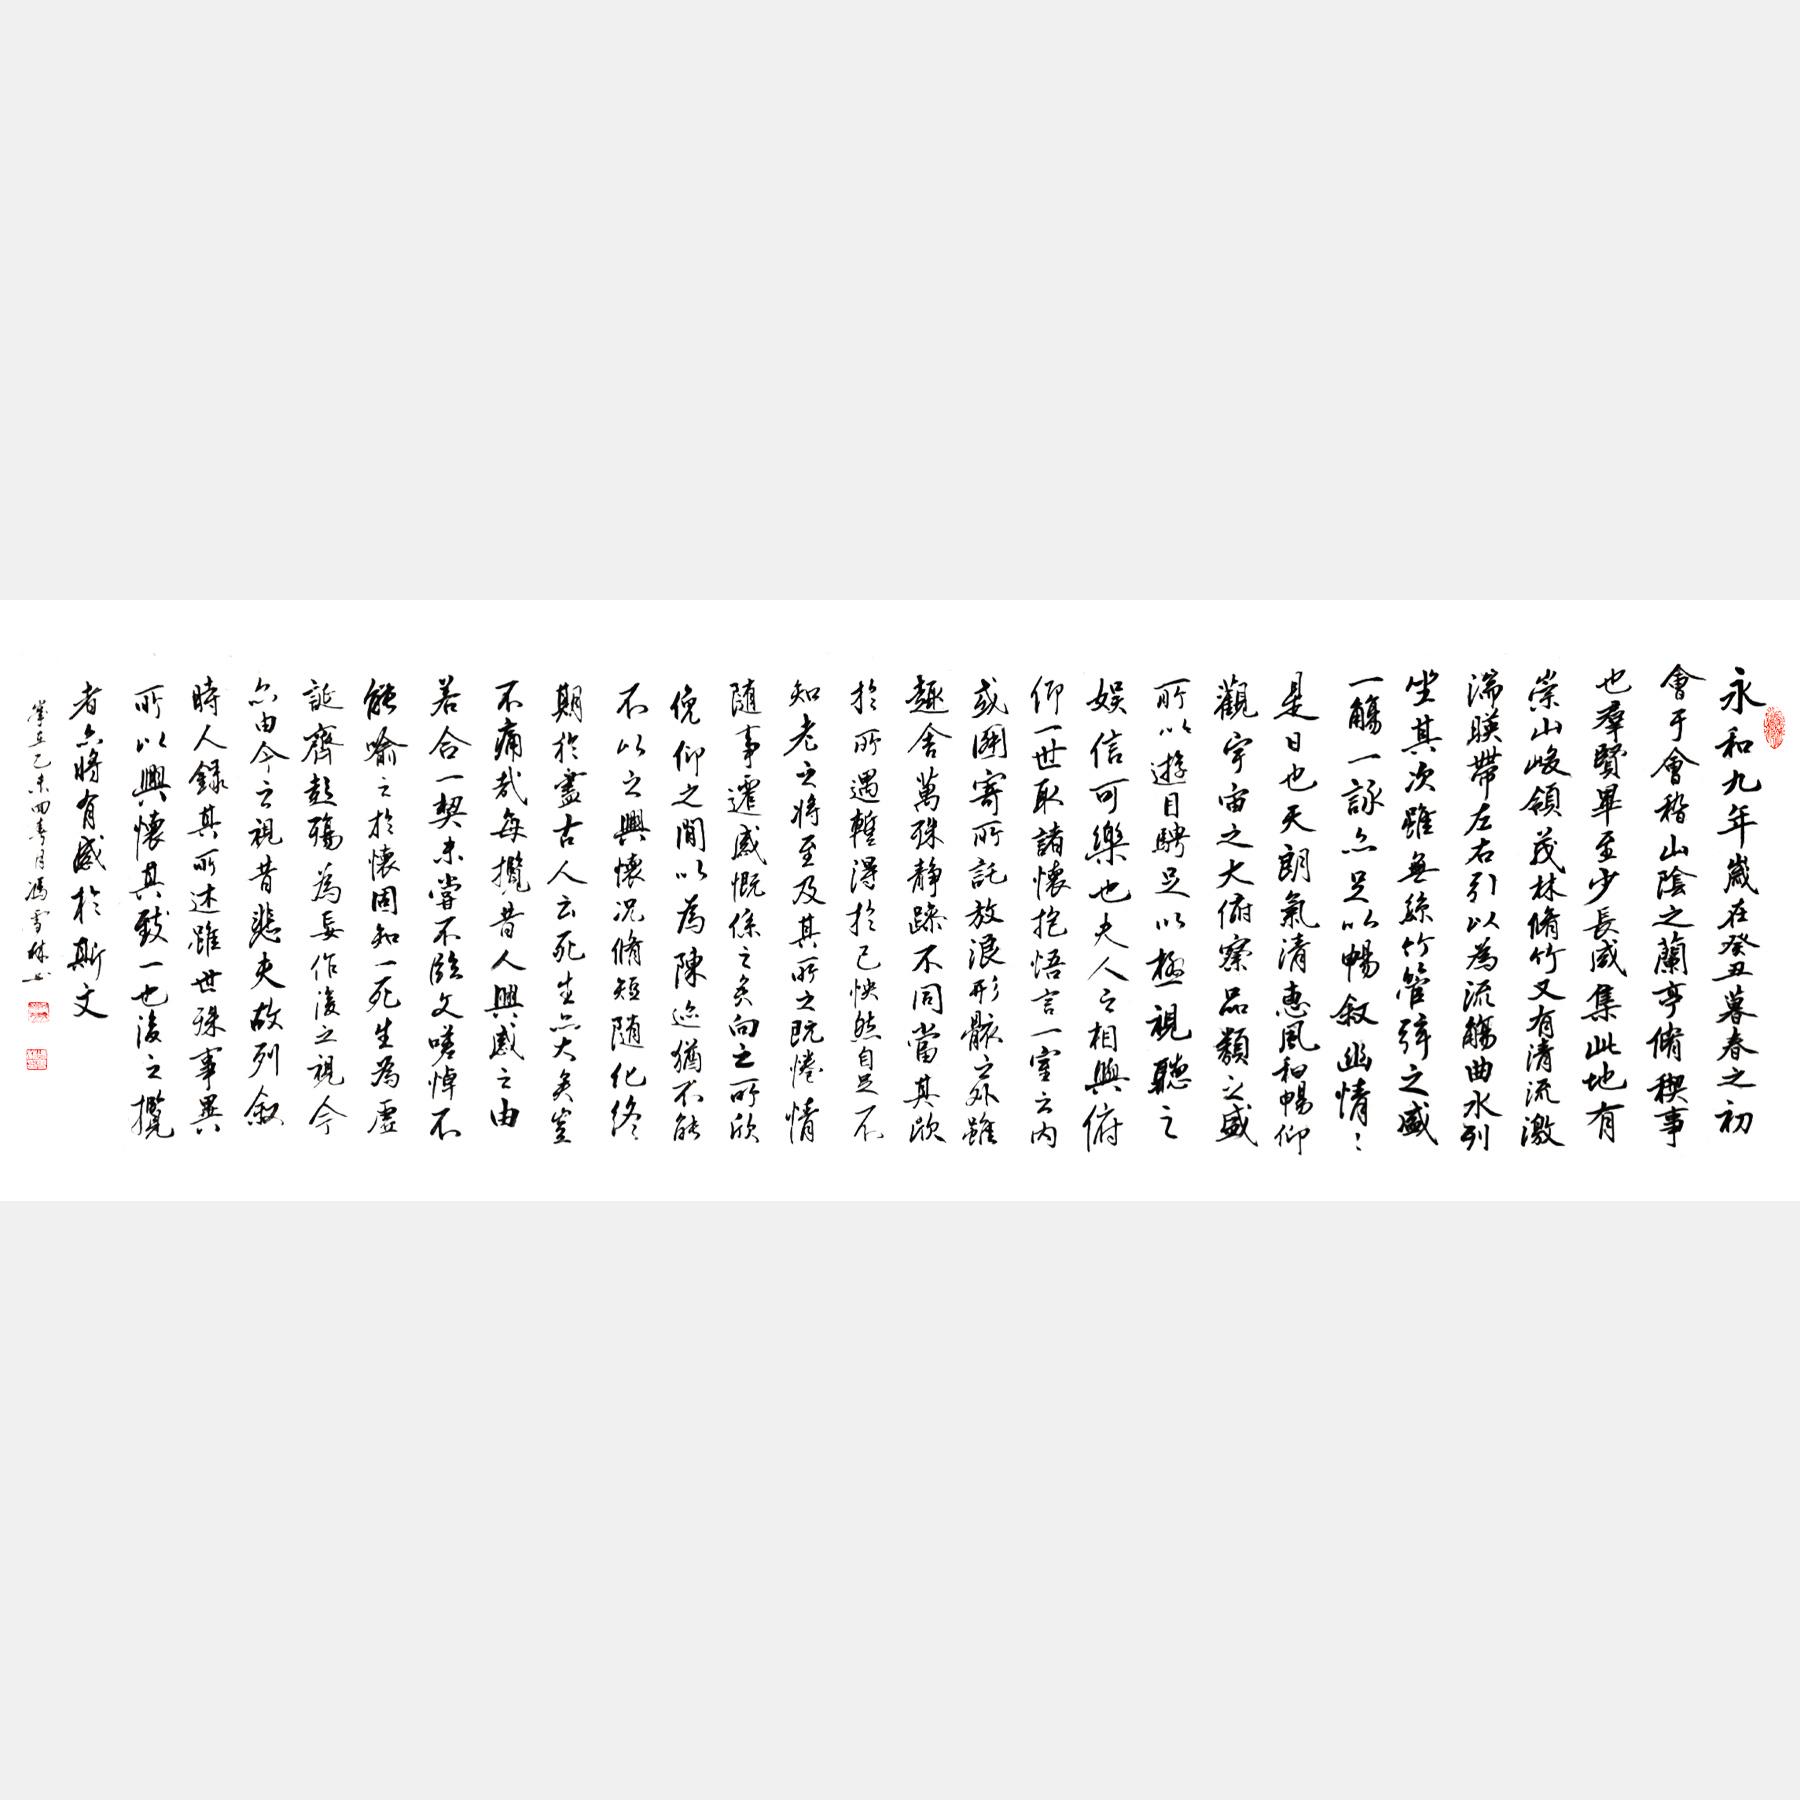 名人字画 东晋王羲之《兰亭序》行书书法作品 天下第一行书 唐太宗喜爱书法作品